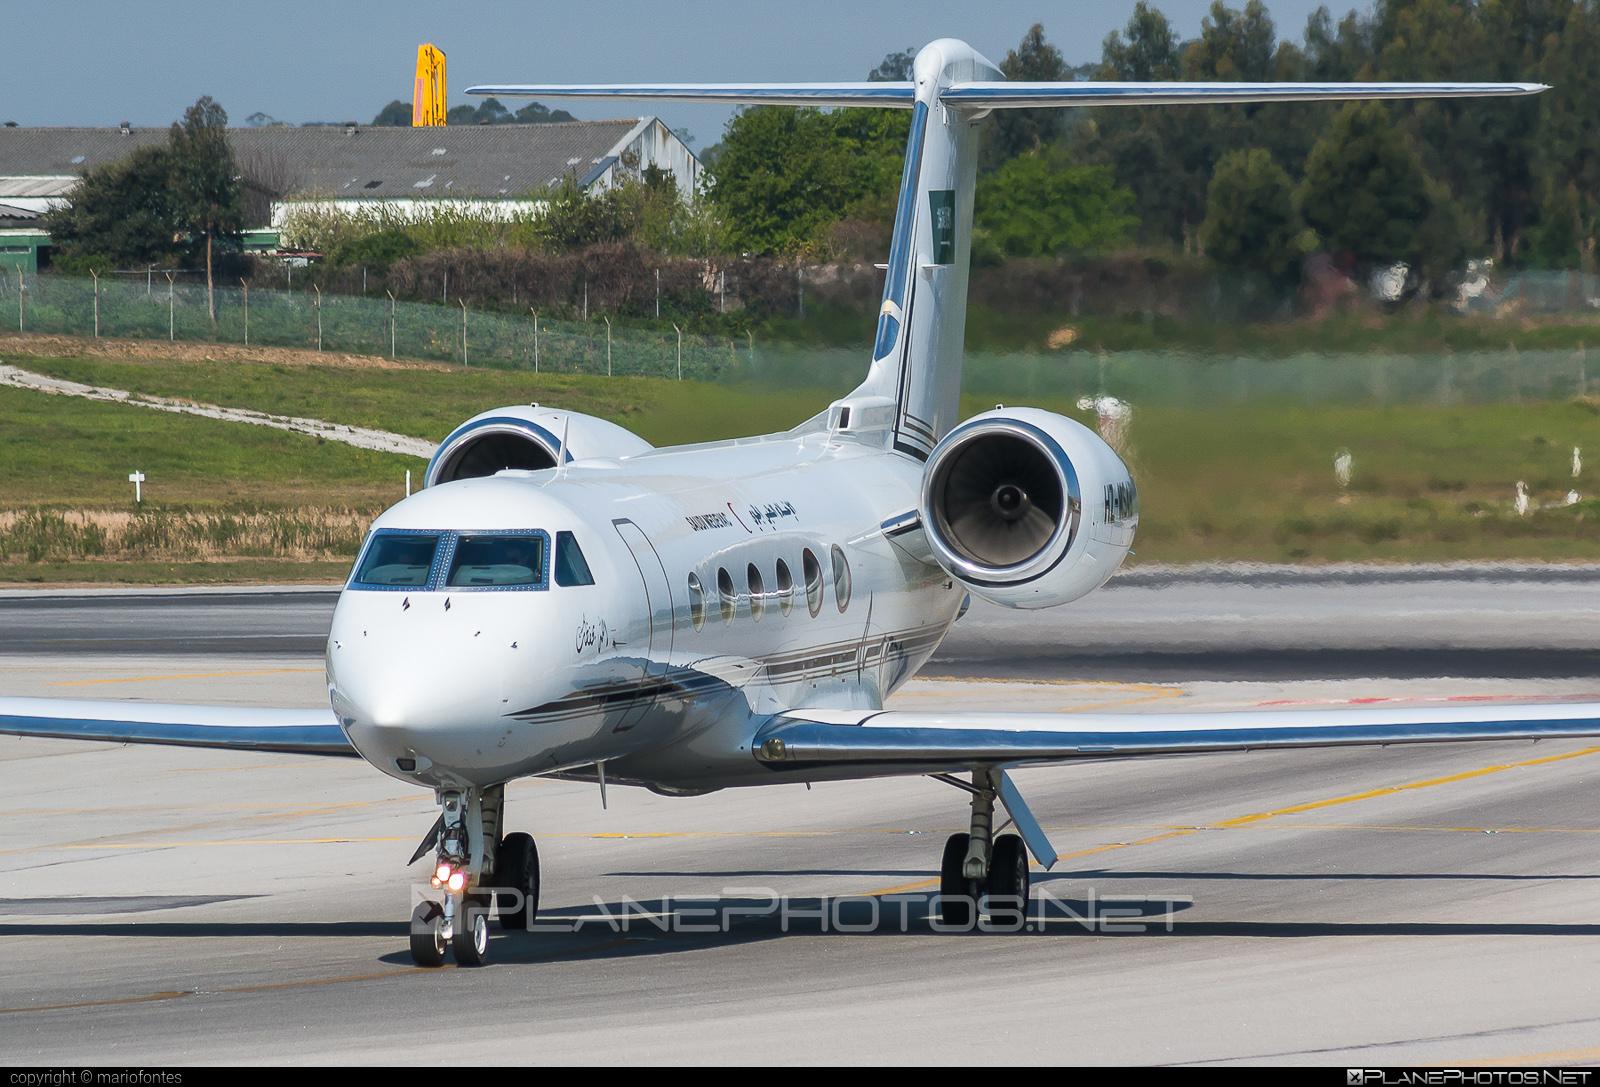 Gulfstream G450 - HZ-MS4B operated by Saudi Medevac #gulfstream #saudiaeromedicalevacuationdepartment #saudimedevac